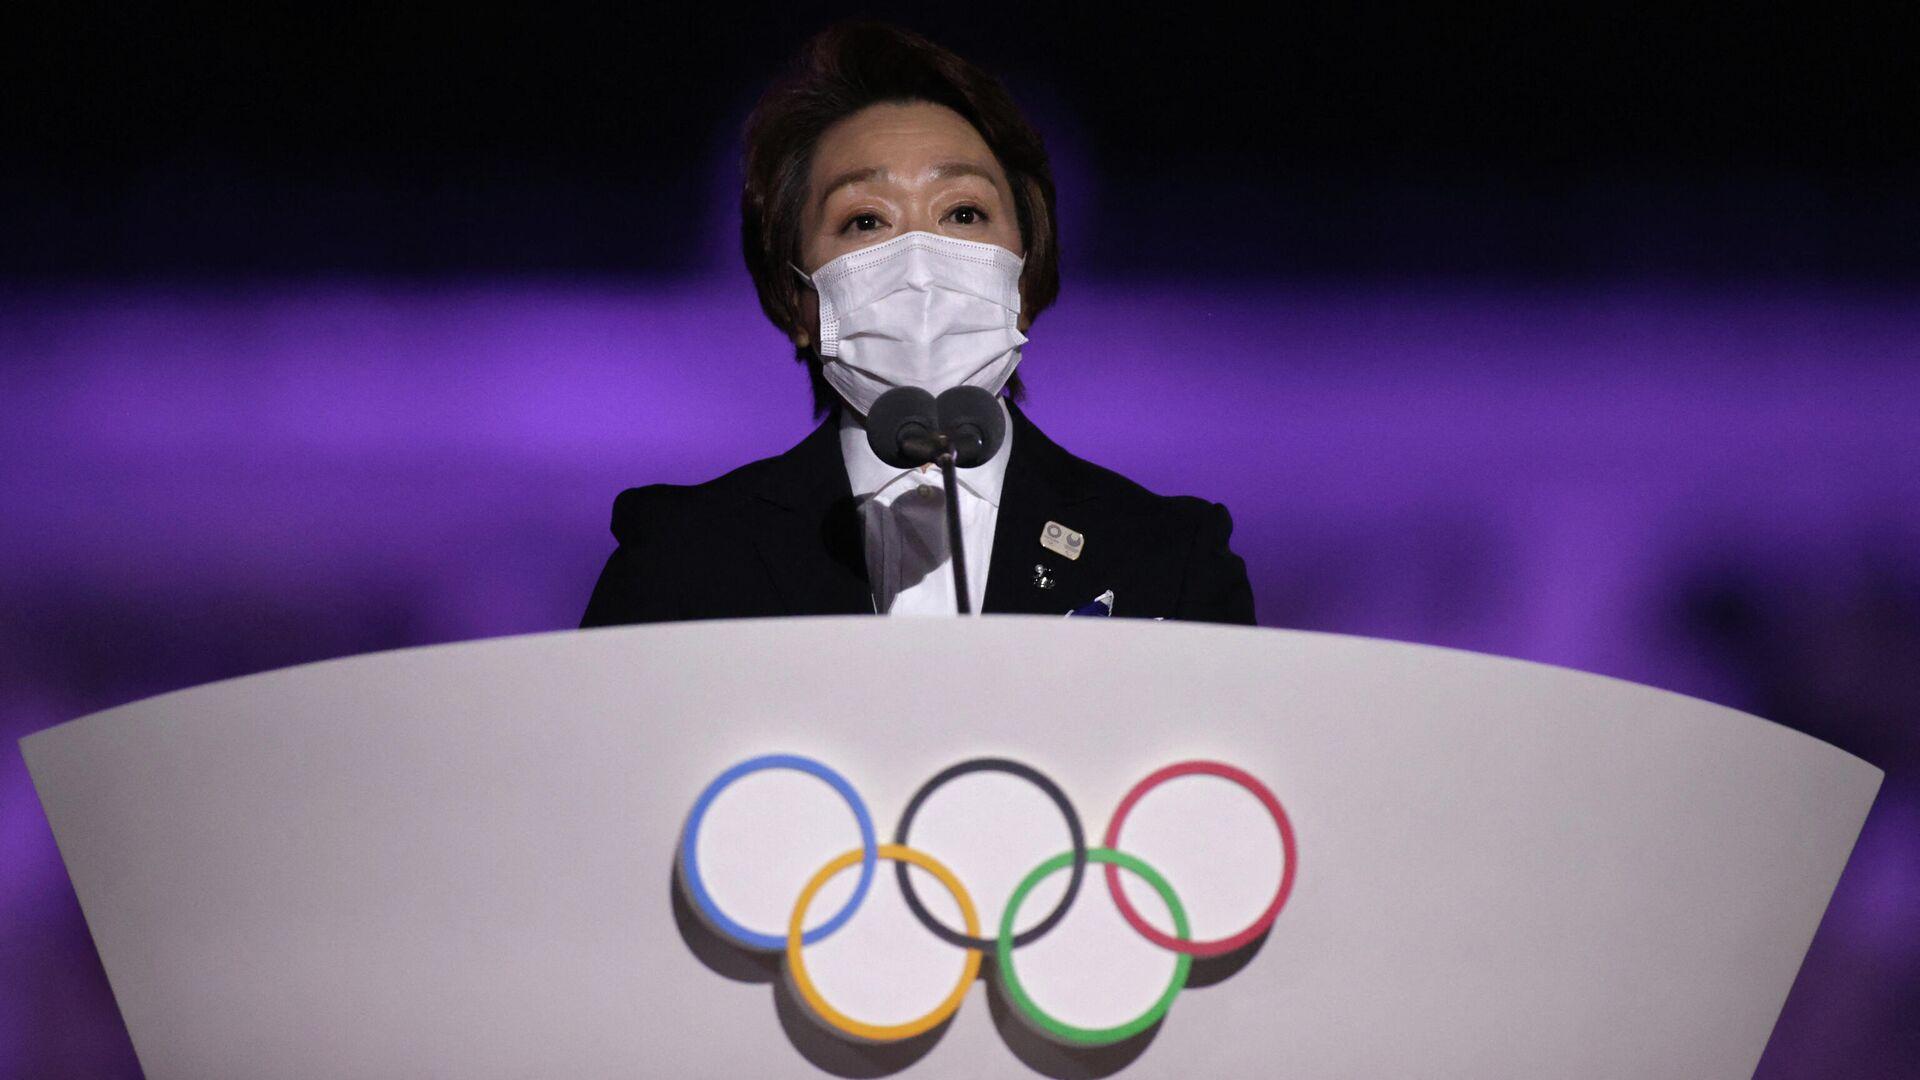 Президент организационного комитета Олимпийских и Паралимпийских игр в Токио Сэйко Хасимото - РИА Новости, 1920, 23.07.2021